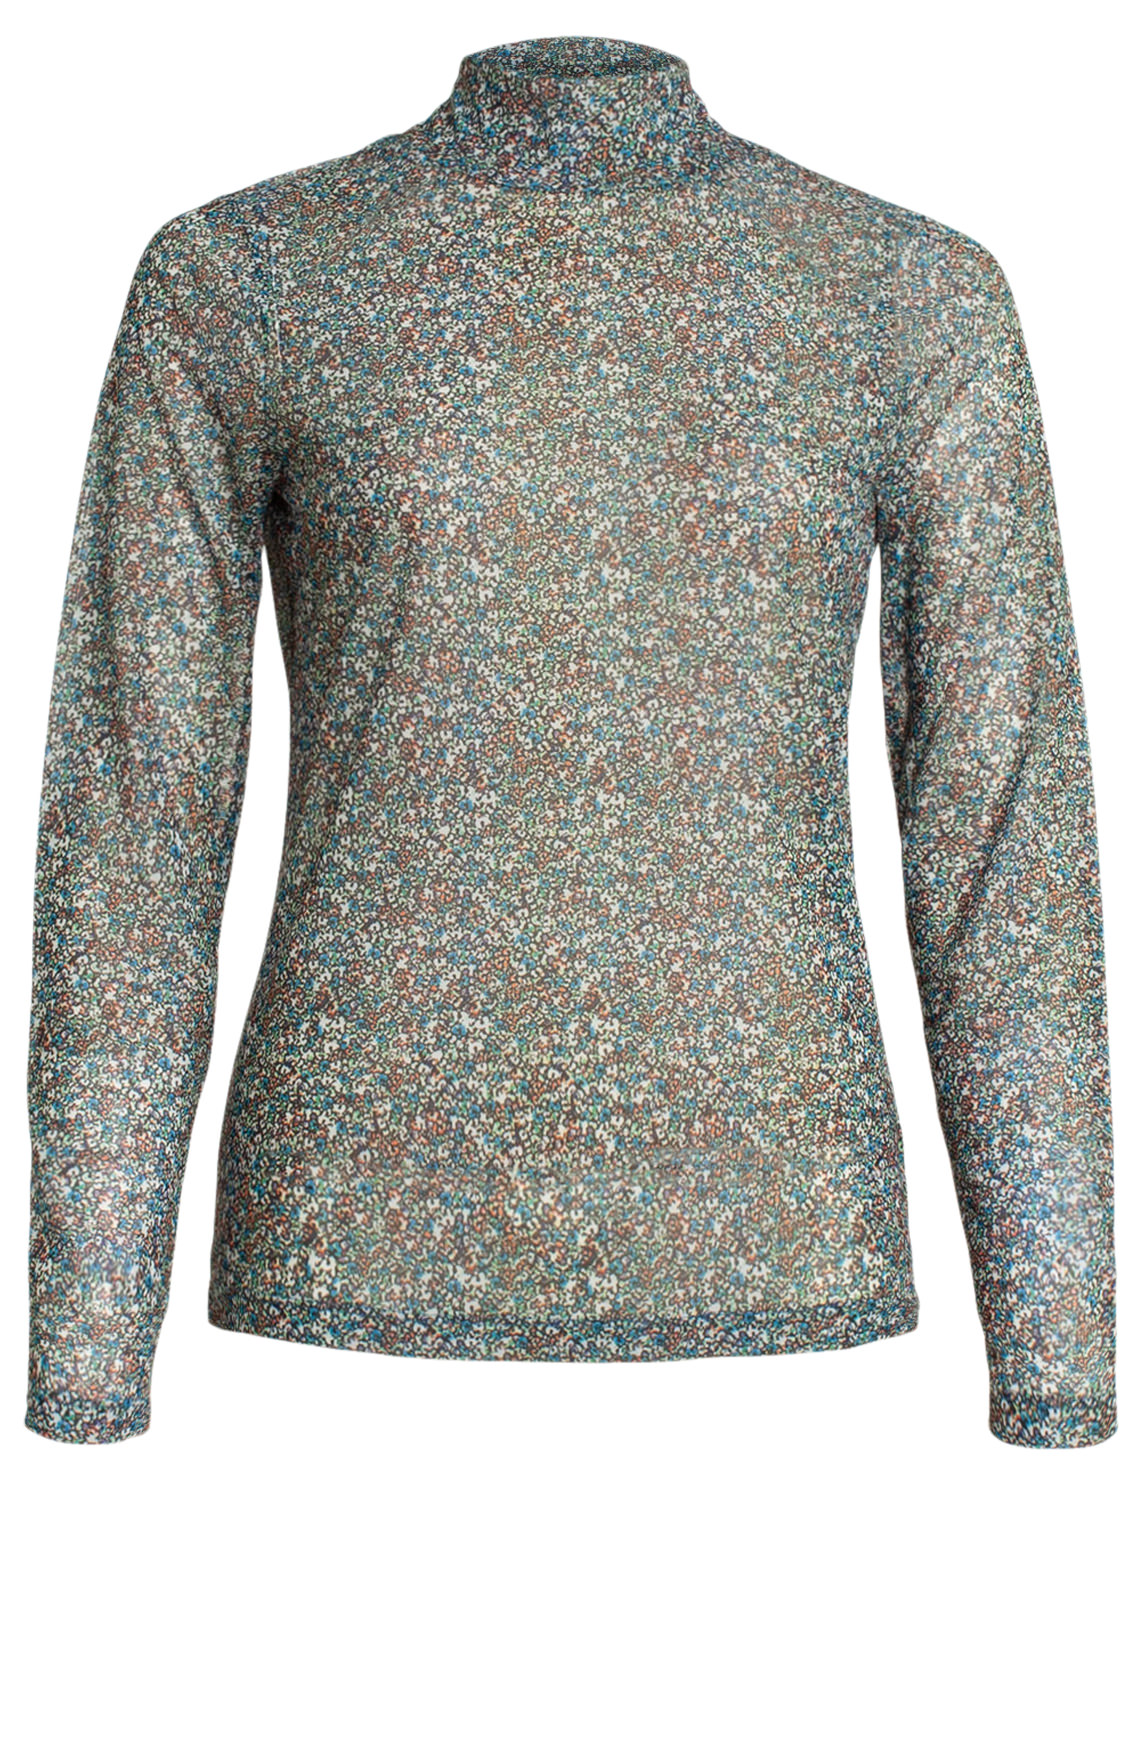 Anna Dames Mesh shirt met bloemenprint wit